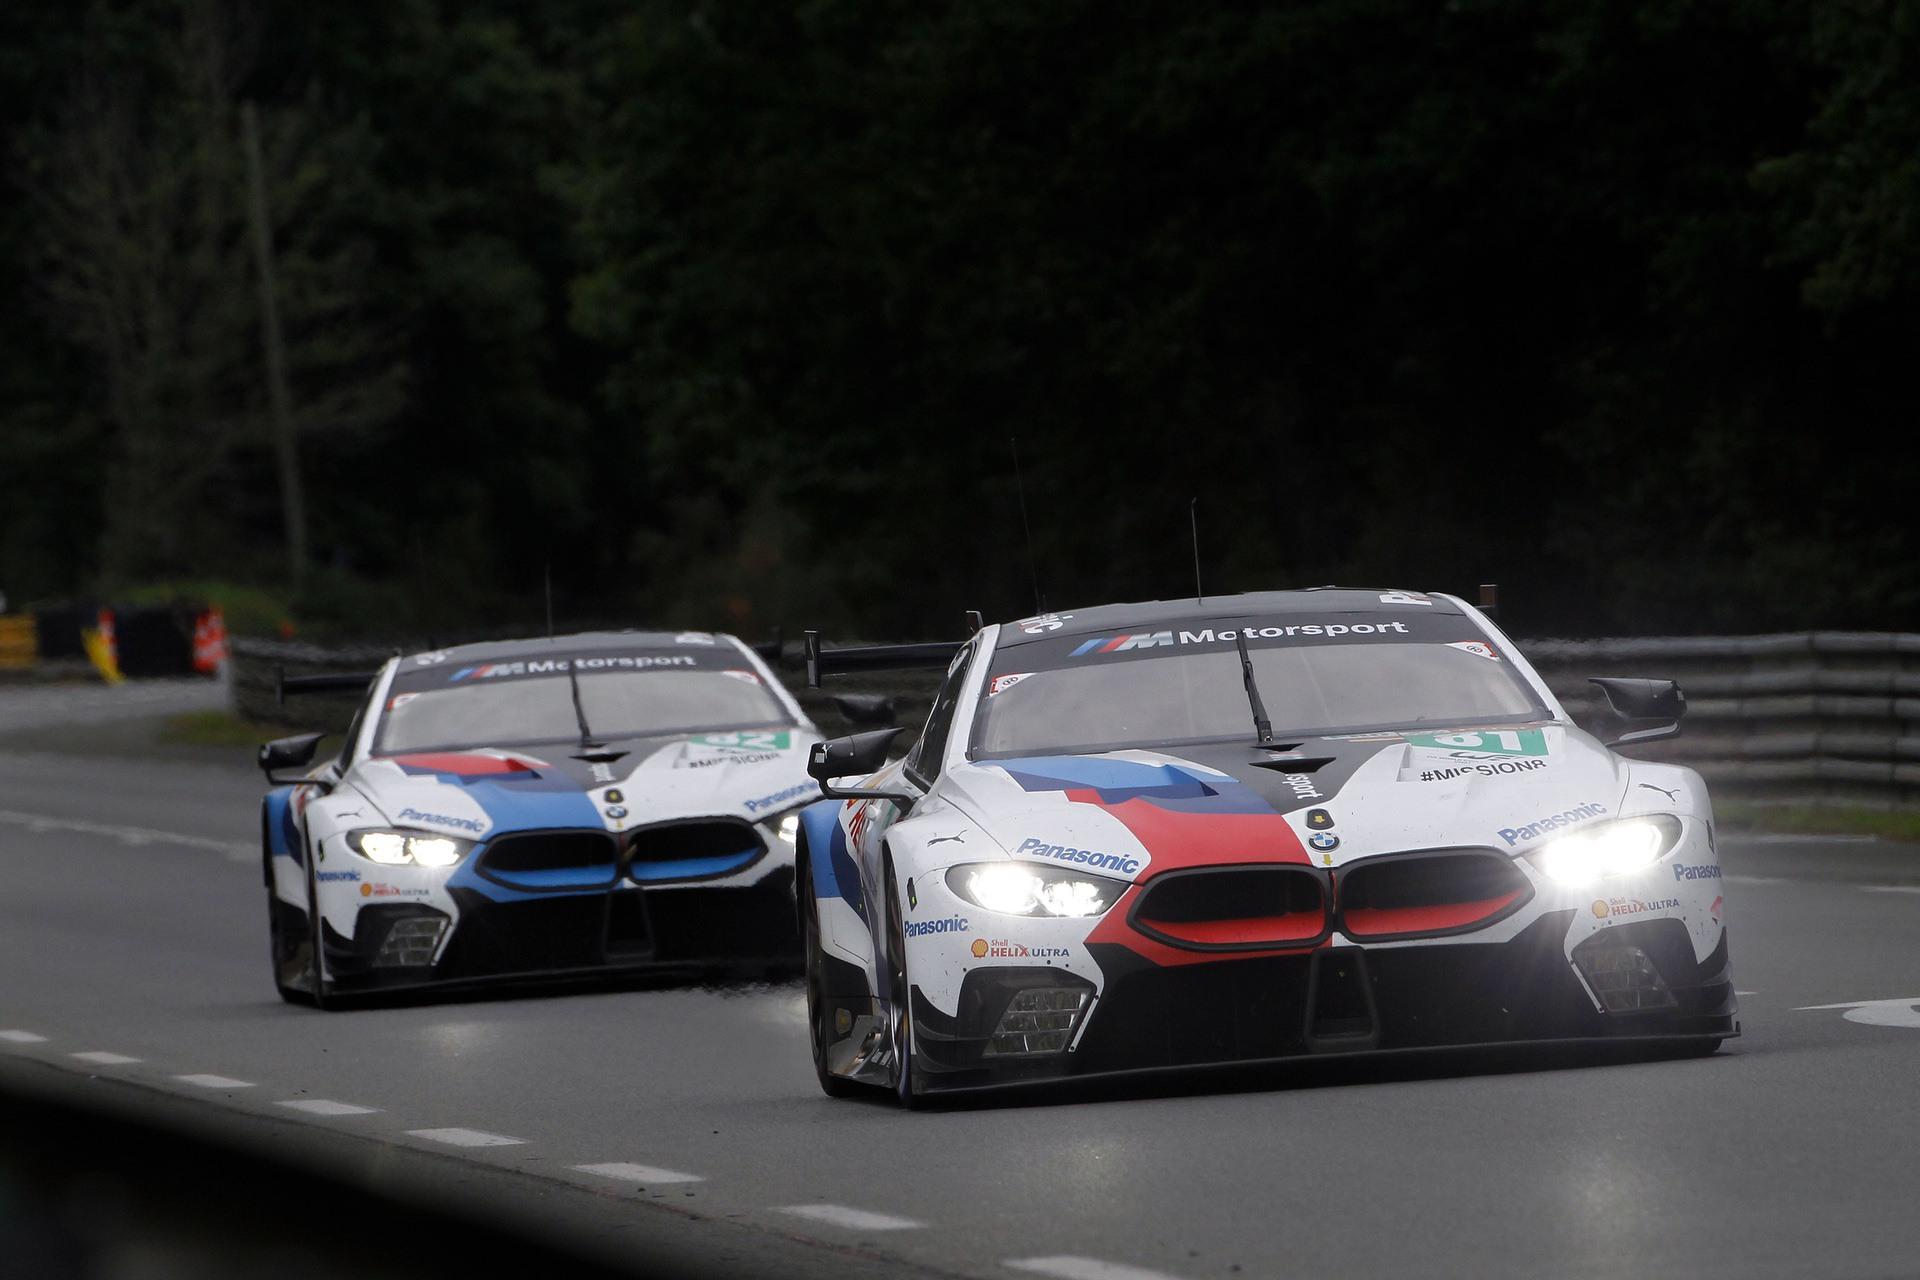 Le Mans BMW M8 GTE 02